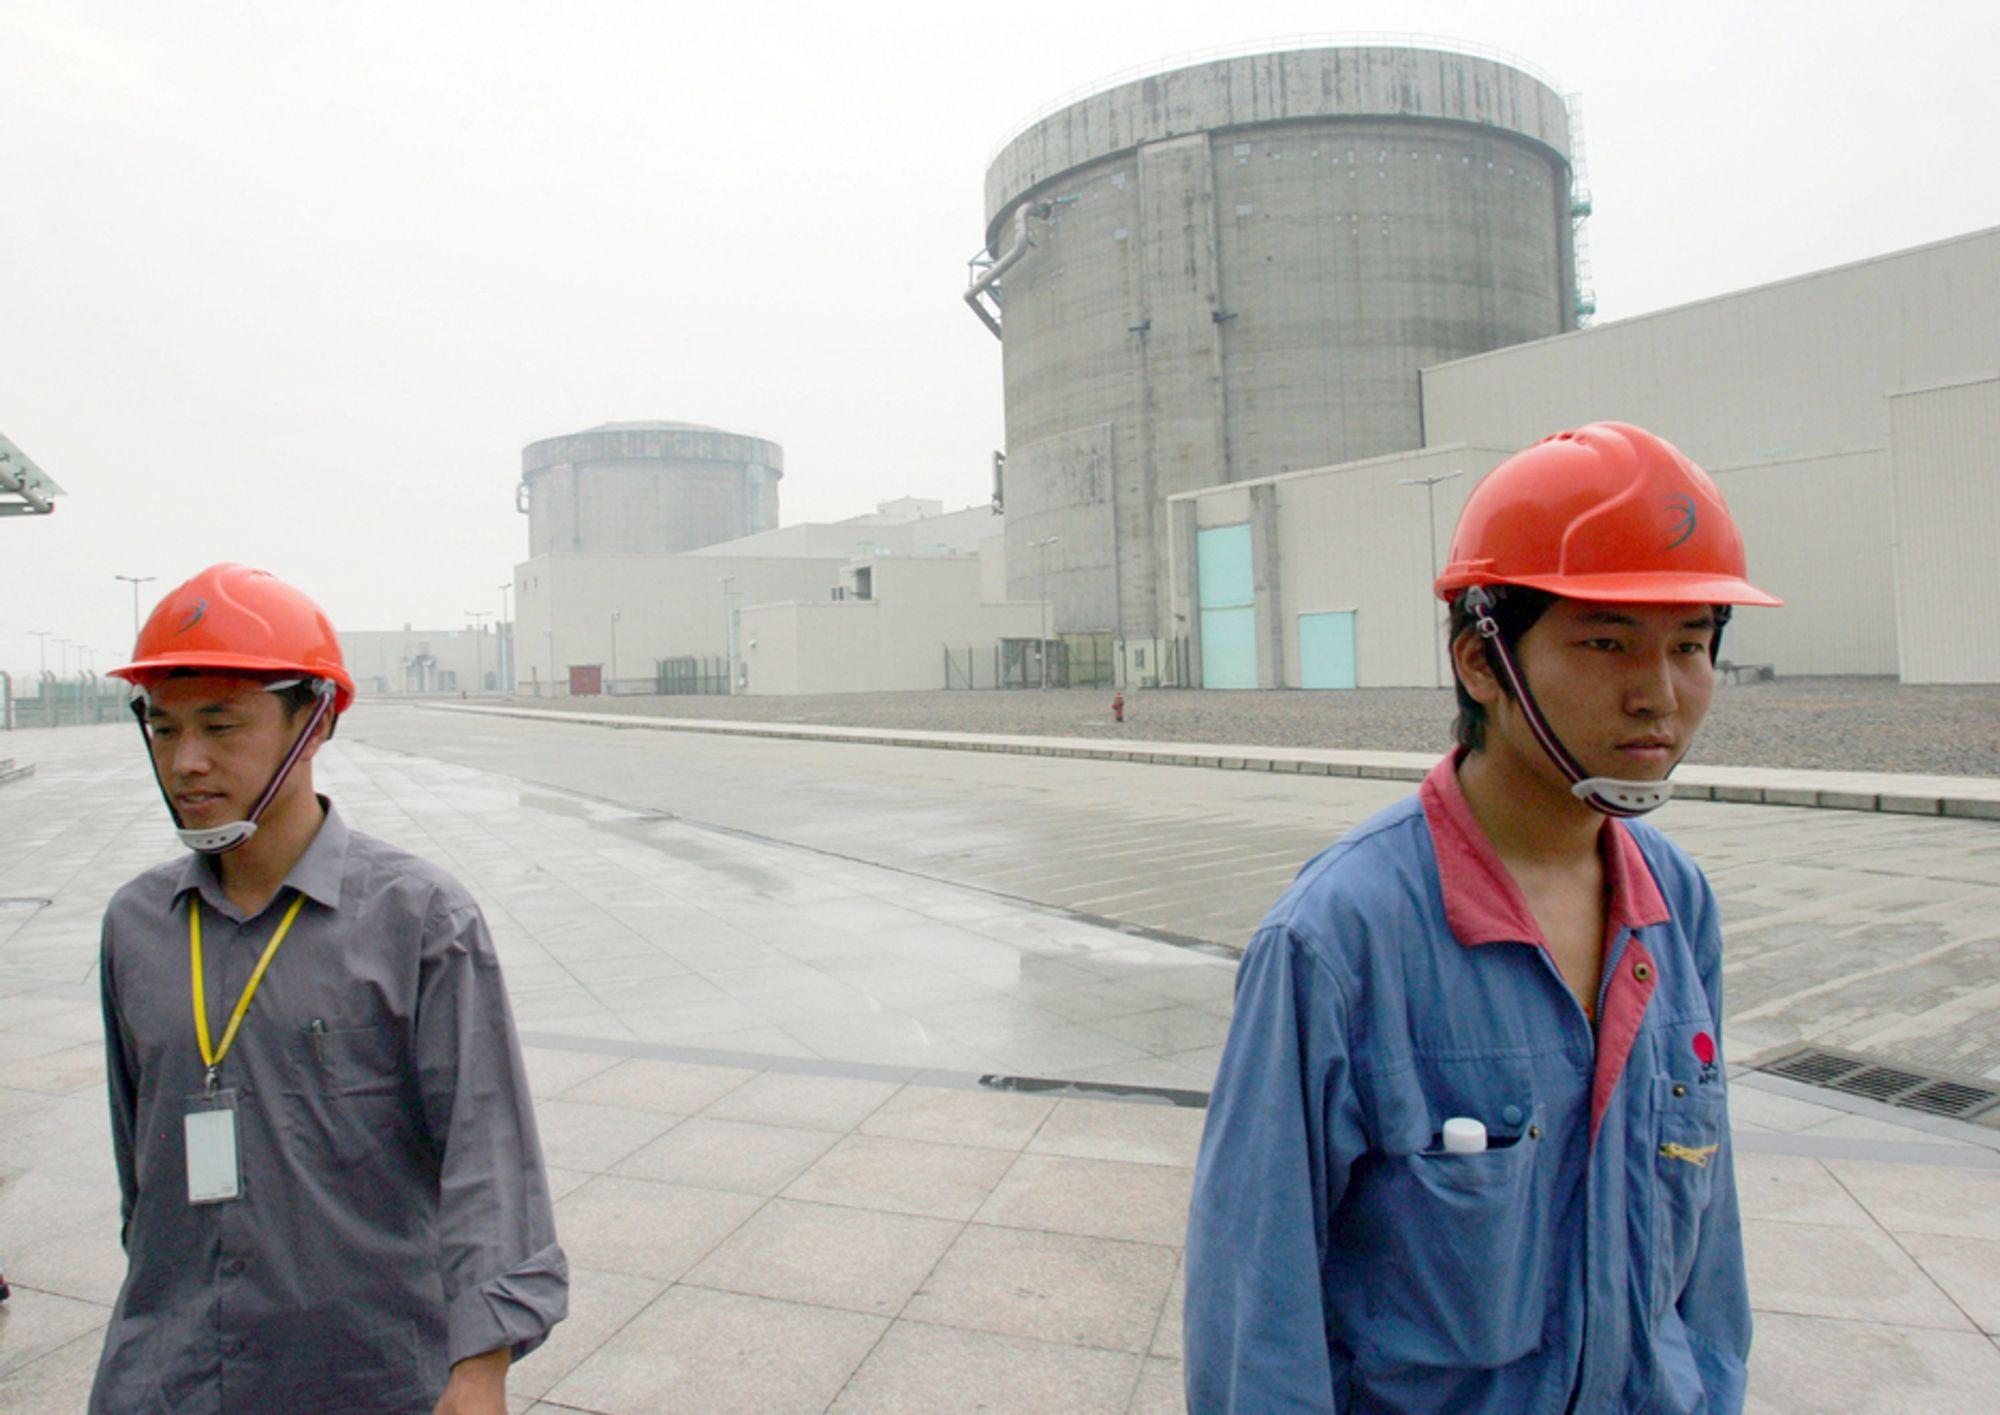 NERVØSE? Kina varsler en grundig gjennomgang av landets atomkraftverk, som dette i Qinshan i Zhejiang-provinsen, og legger planene om bygging av nye anlegg på is.